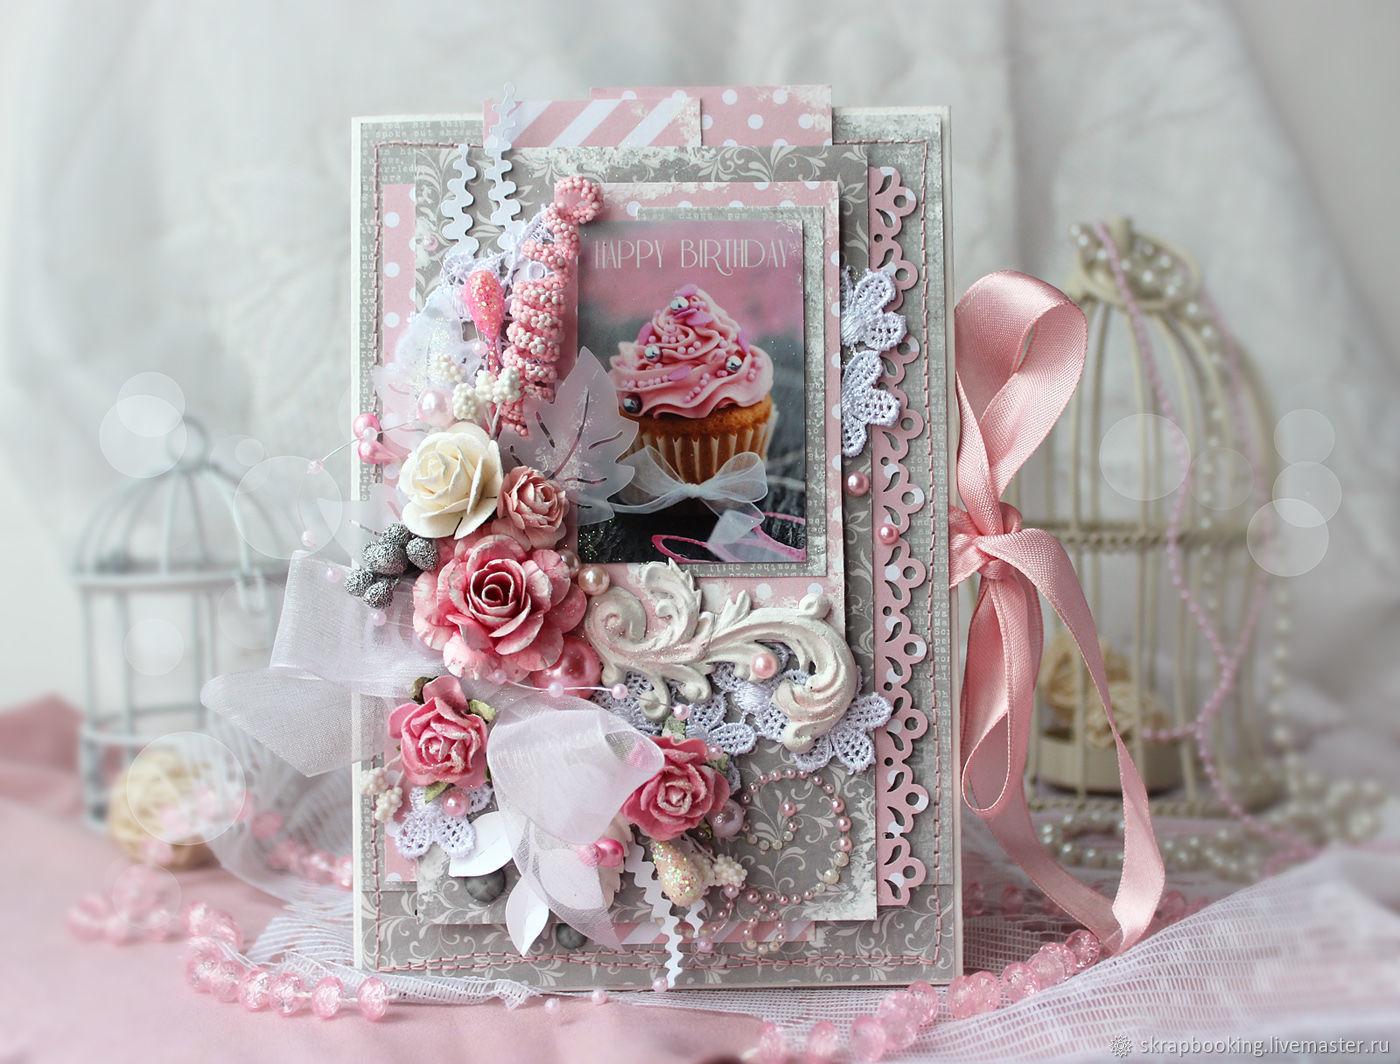 Заказать поздравительных открыток, картинка днем рождения